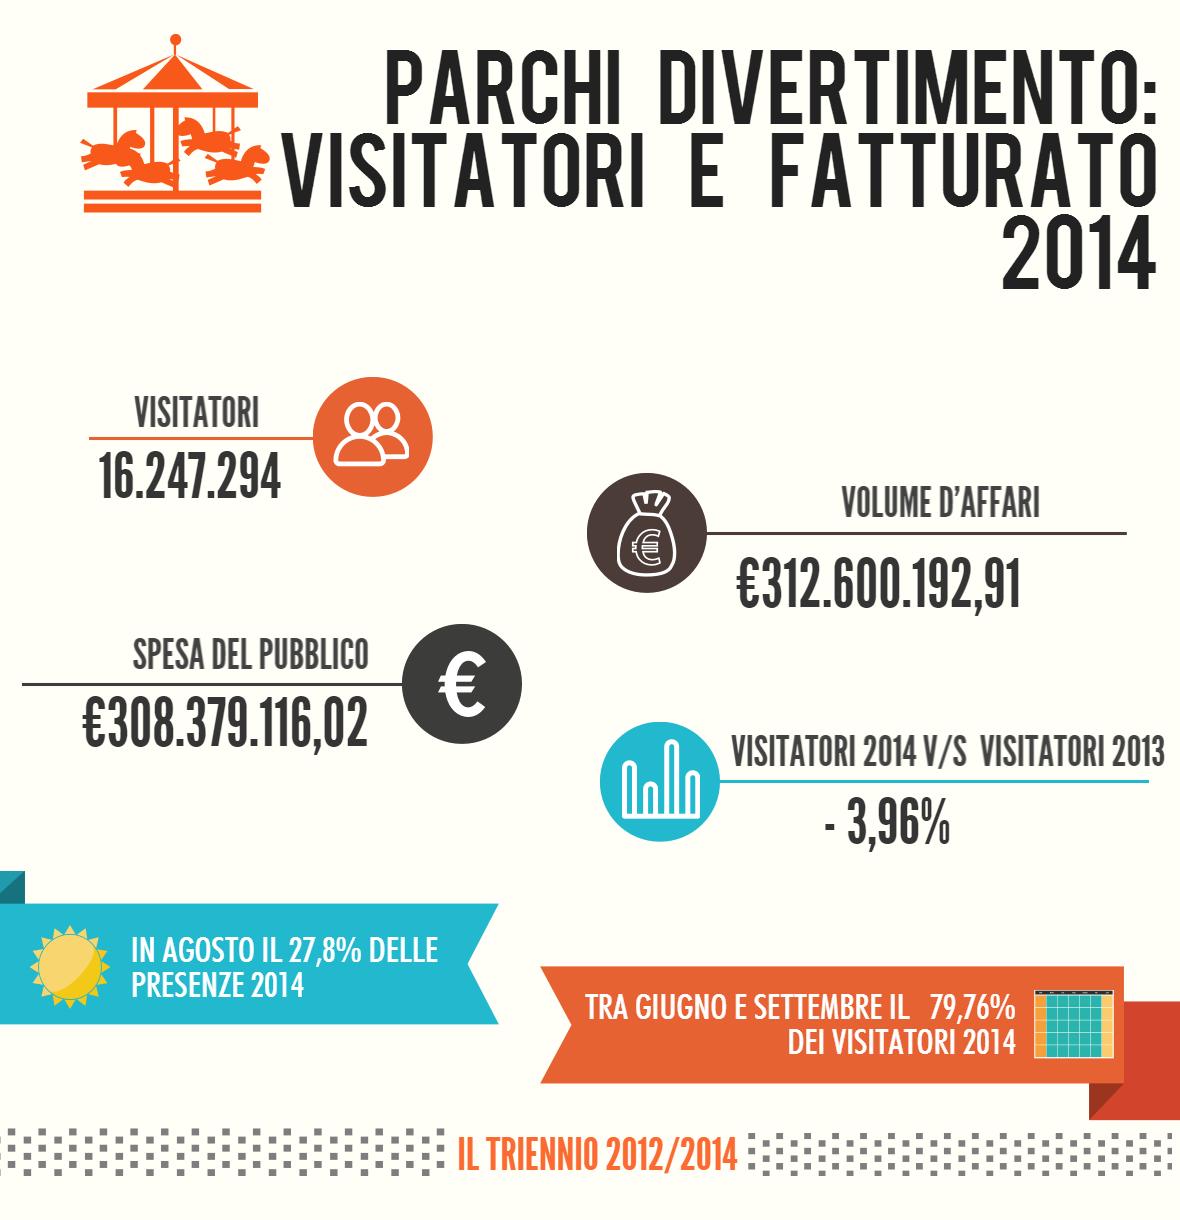 stagione 2014 parchi divertimento visitatori fatturato